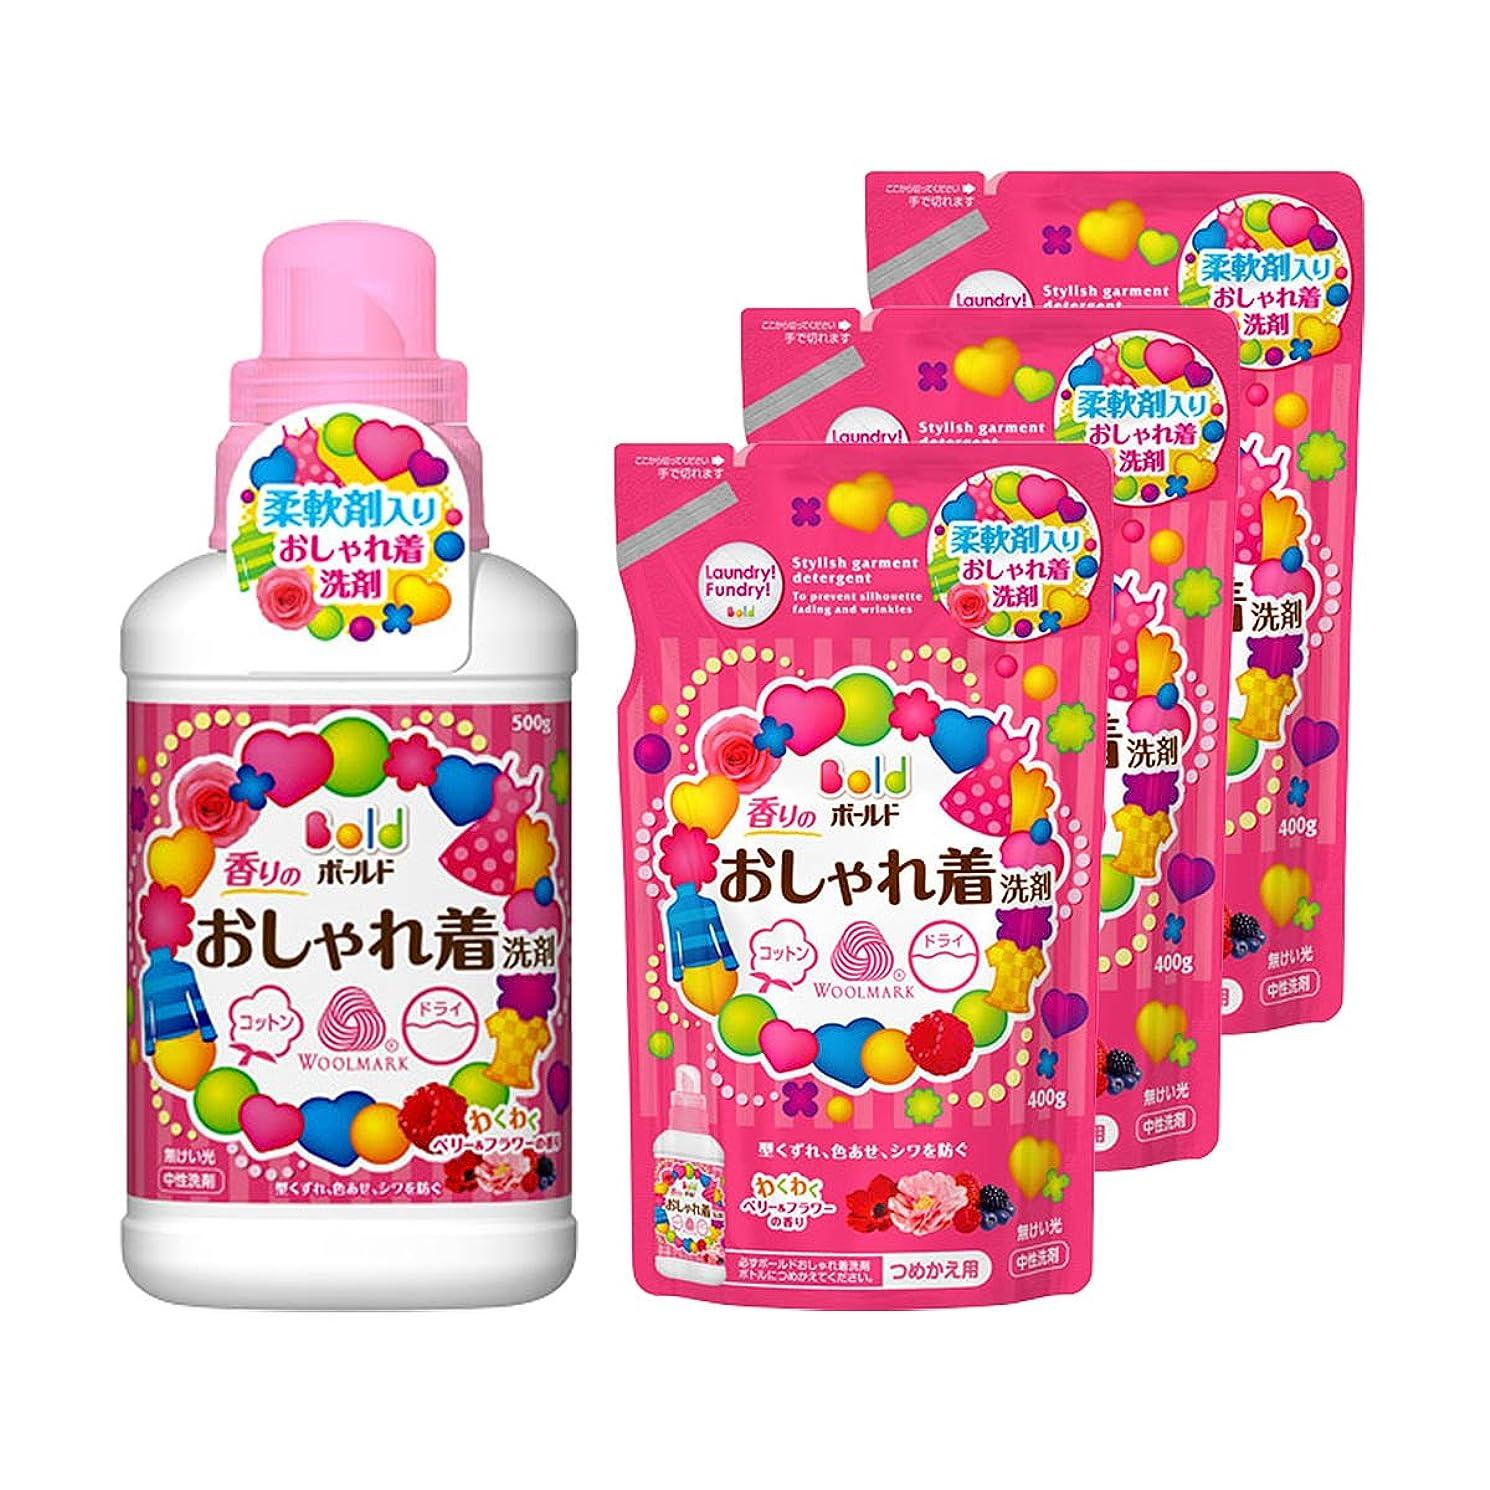 単に誘惑するデッドロック【まとめ買い】 ボールド 洗濯洗剤 液体 香りのおしゃれ着洗剤 本体 500g + 詰め替え 400g×3個